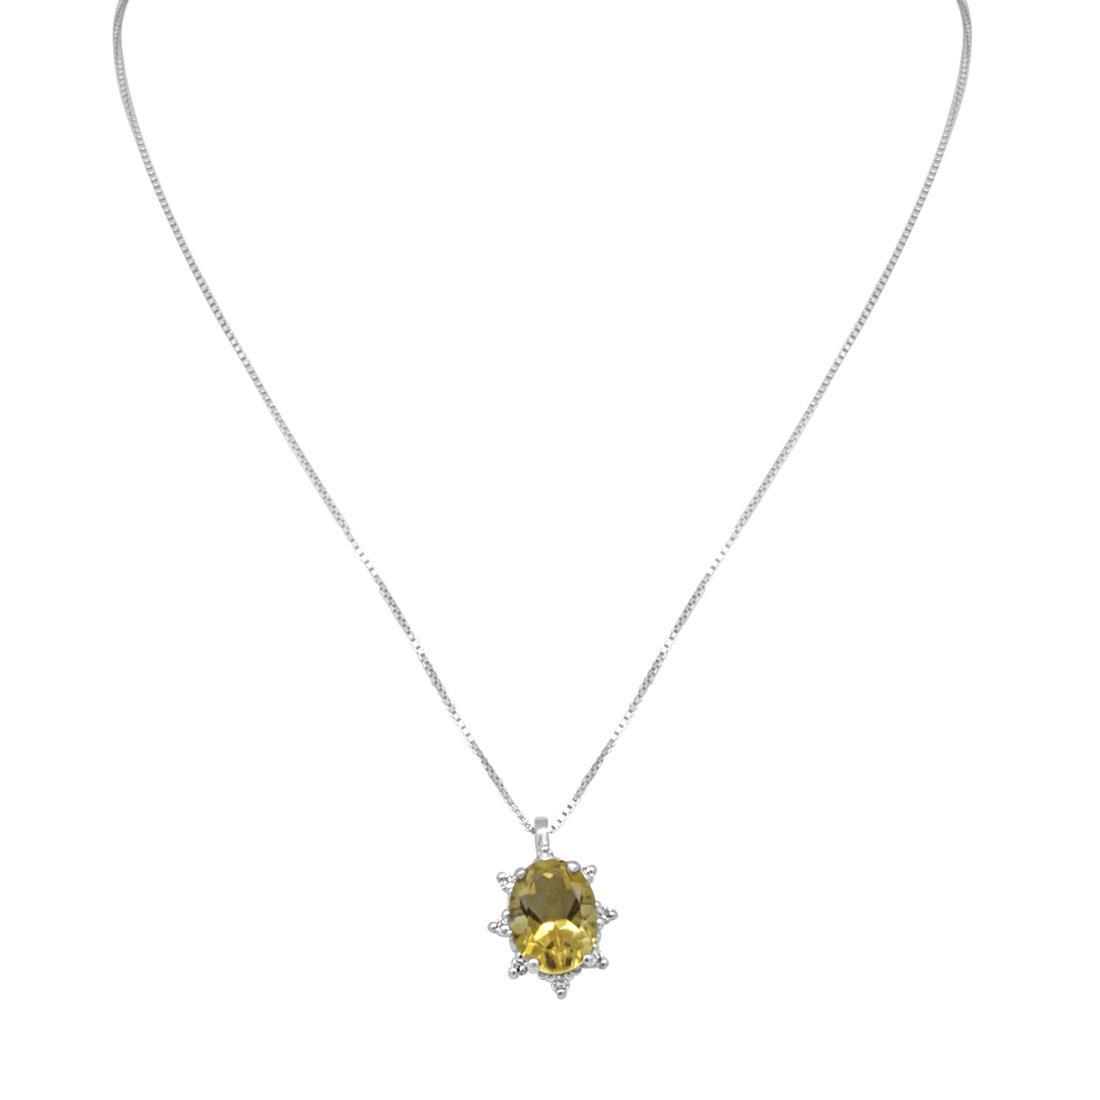 Collier in oro bianco con diamanti e pietra semipreziosa gialla - ALFIERI & ST. JOHN